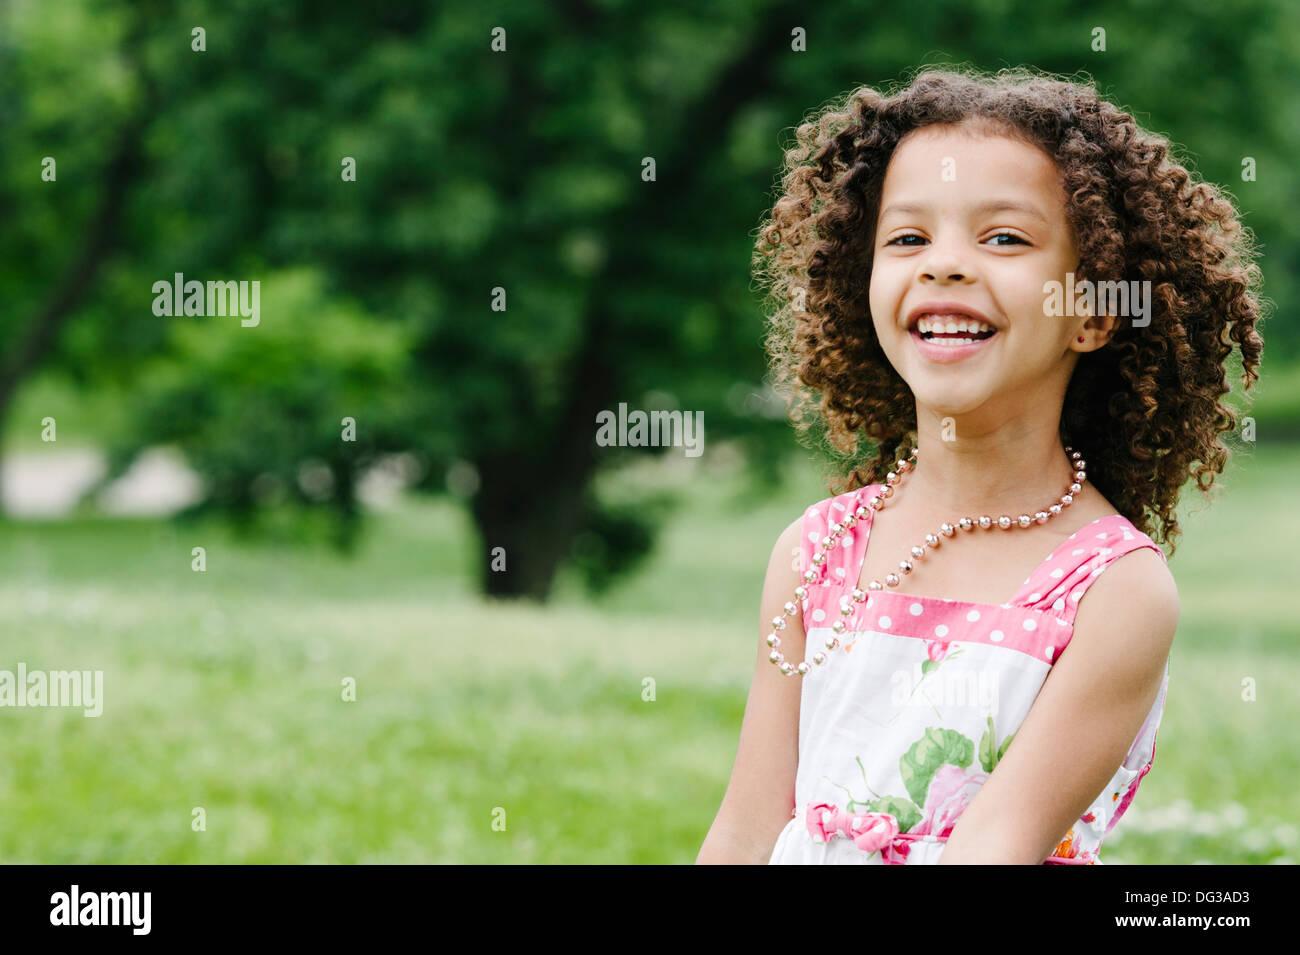 Sorridente ragazza giovane con ricci capelli castani, Ritratto Immagini Stock